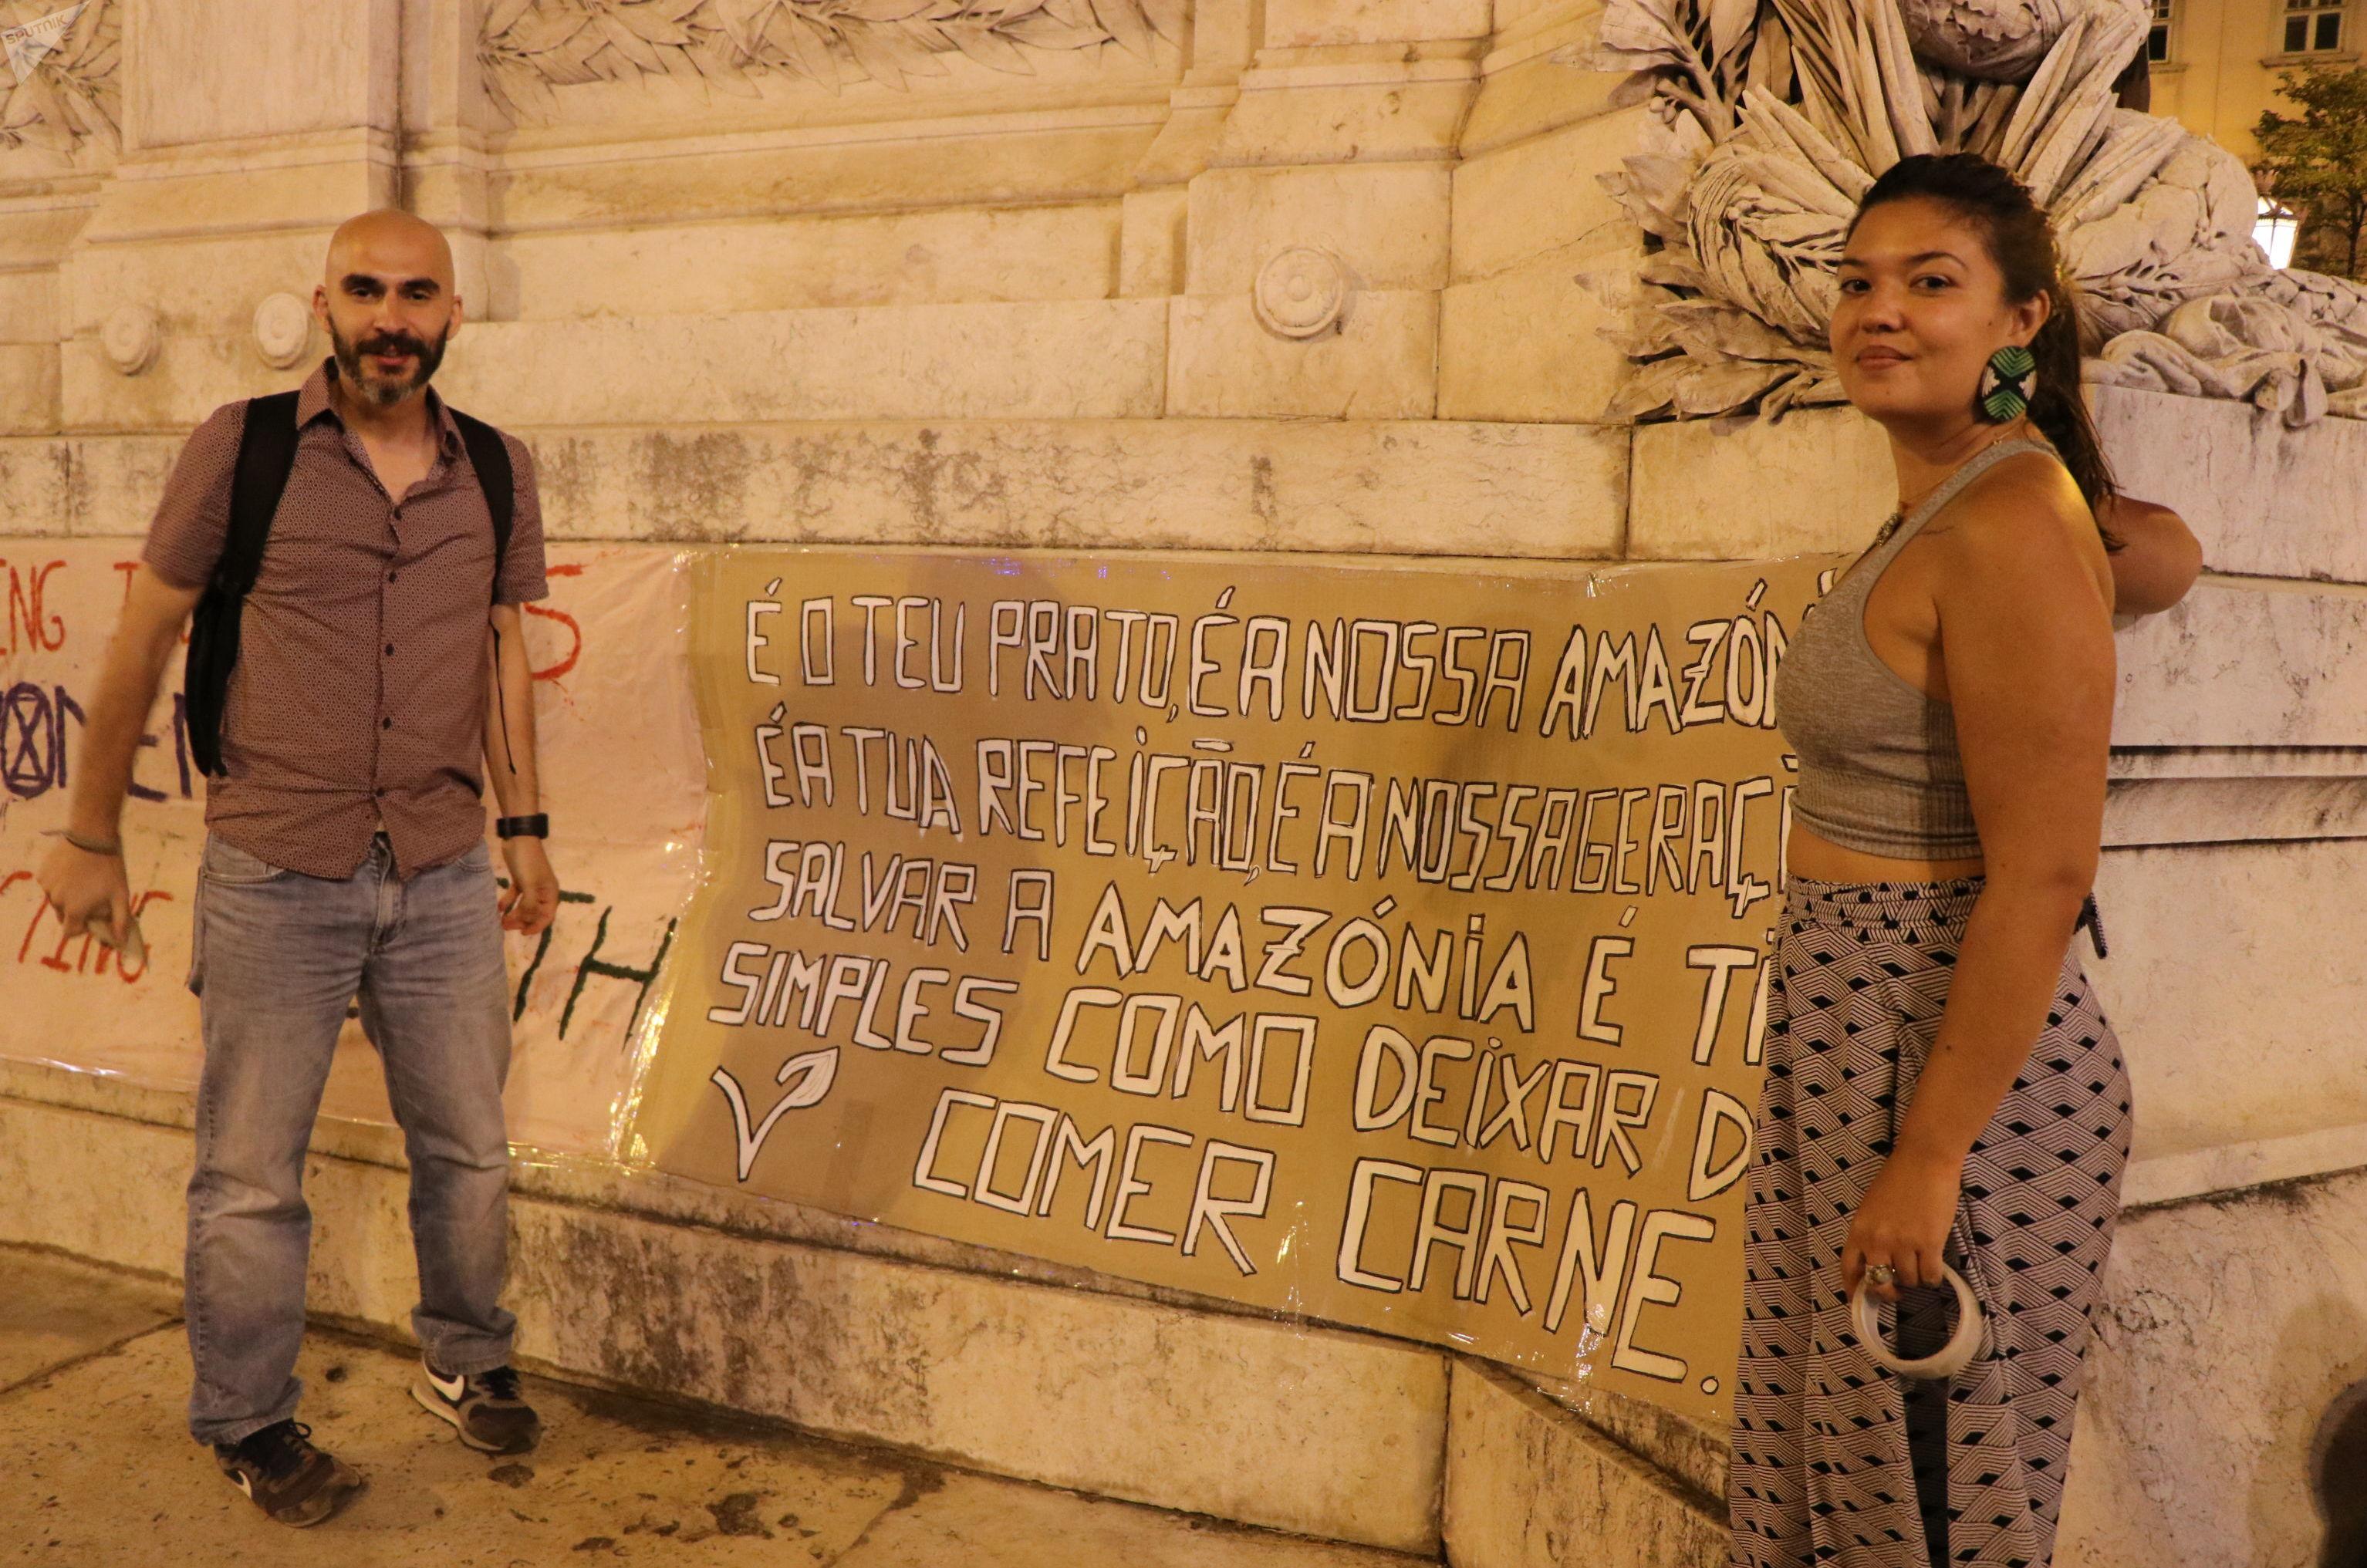 Os ativistas Paulo Muniz e Illa Branco seguram um cartaz durante protesto pela Amazônia em Lisboa. Foto de 23 de agosto de 2019.